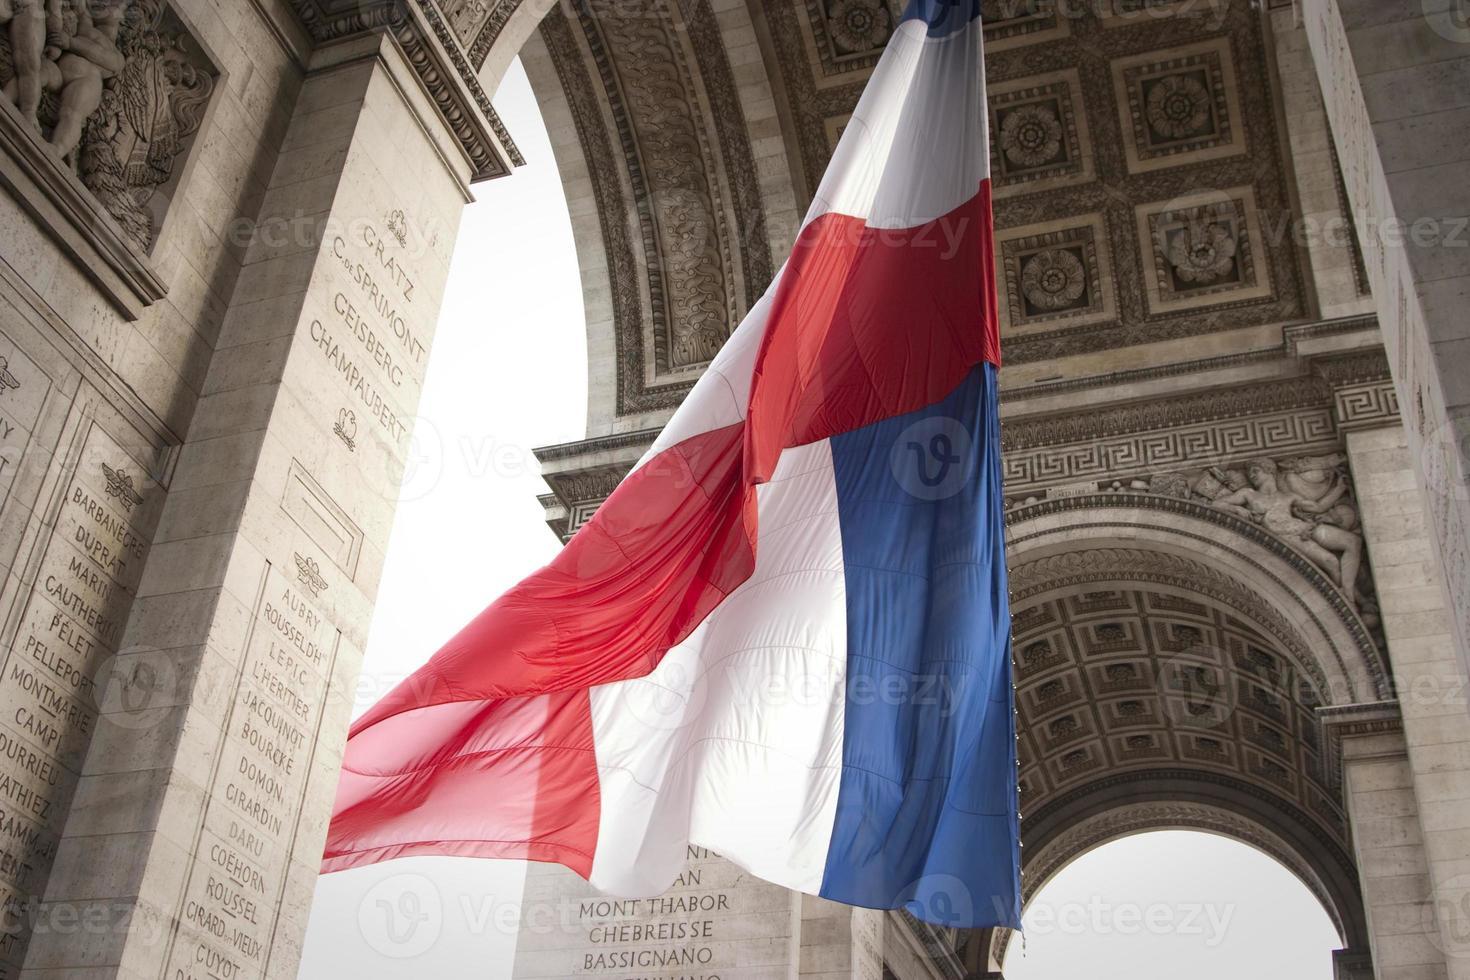 drapeau rouge blanc et bleu ondulant sous une grande arche photo